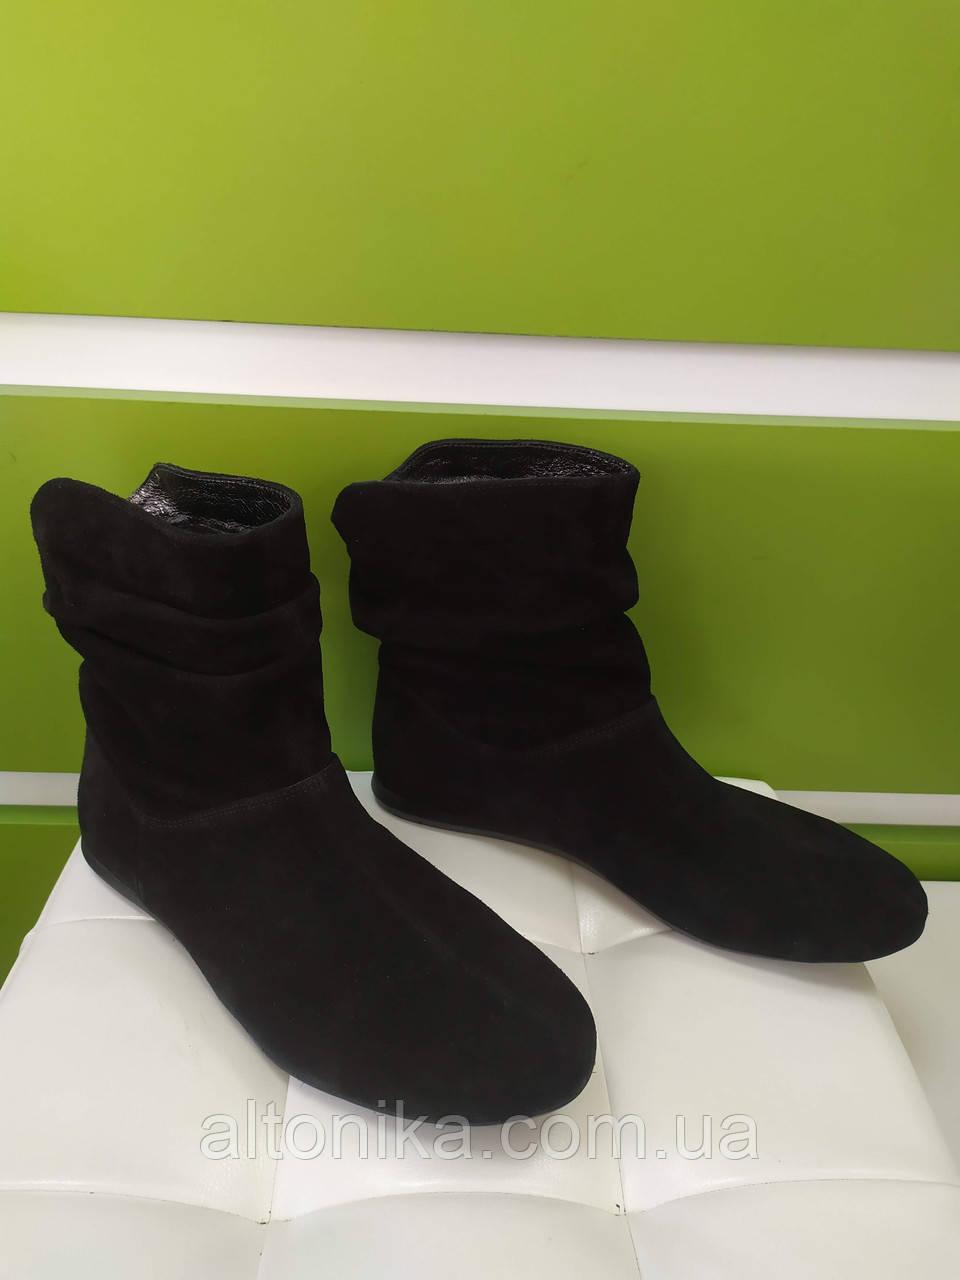 STTOPA деми зима. Размеры 36-43. Полусапожки кожаные на узкую ногу больших размеров! С11-2-3643-1 Черные